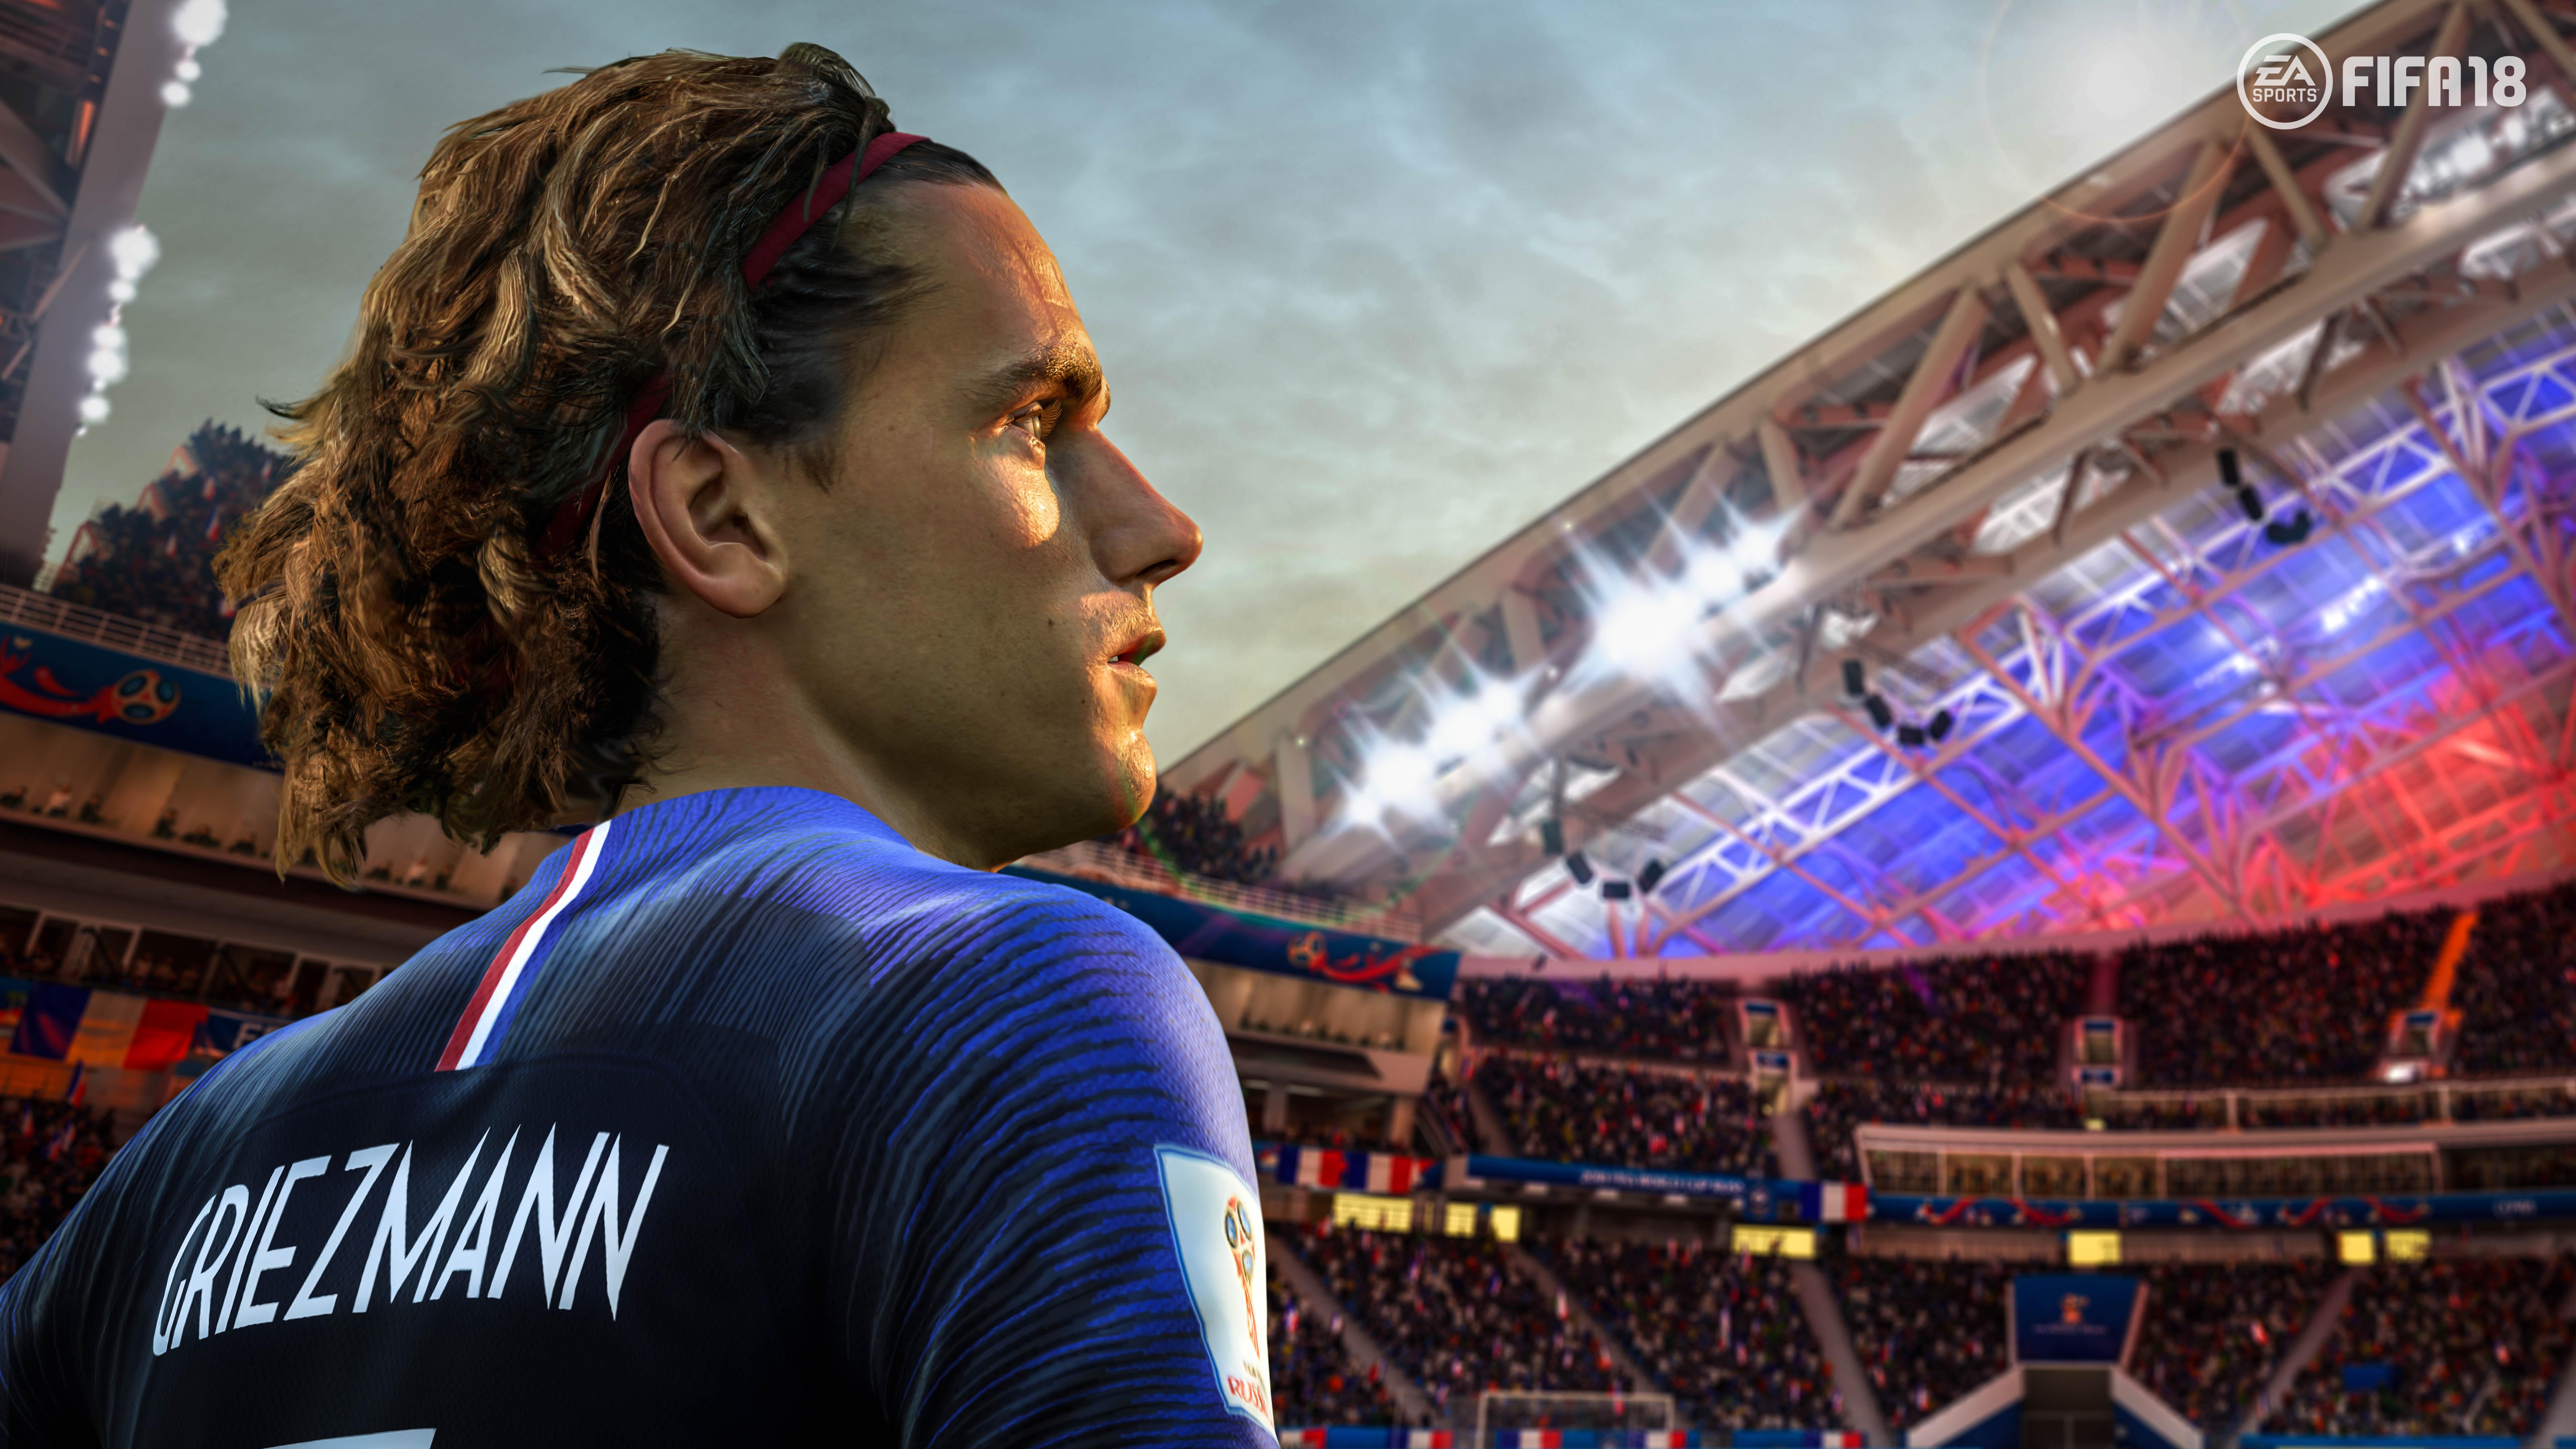 Antoine Griezmann Fifa 18 8m